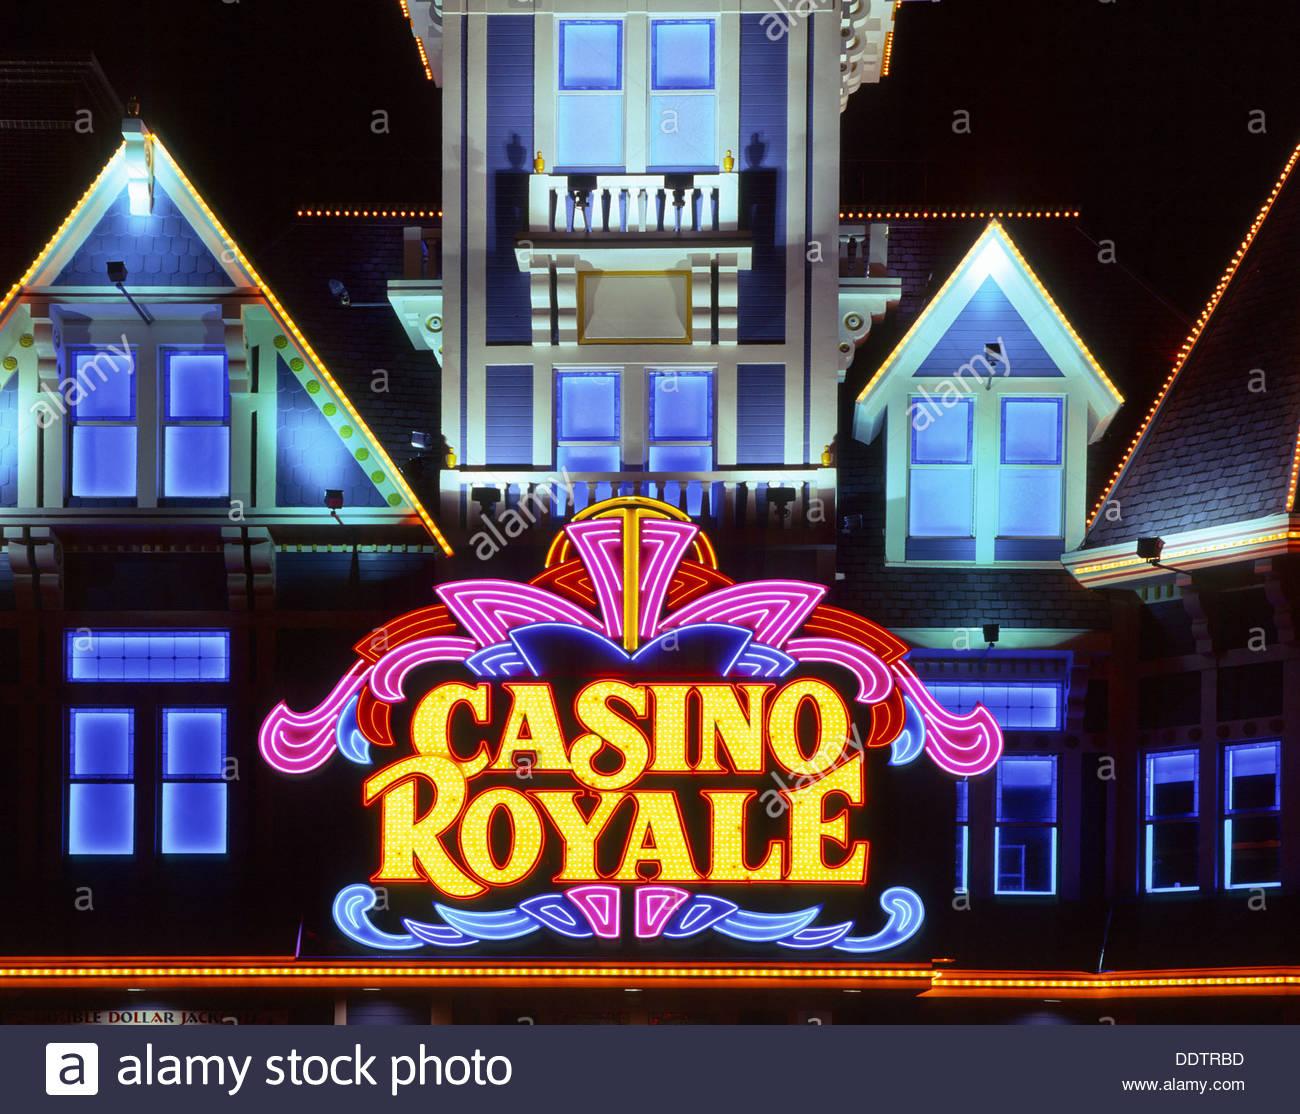 Casino Royale Hotel, Las Vegas, Nevada, USA Stock Photo